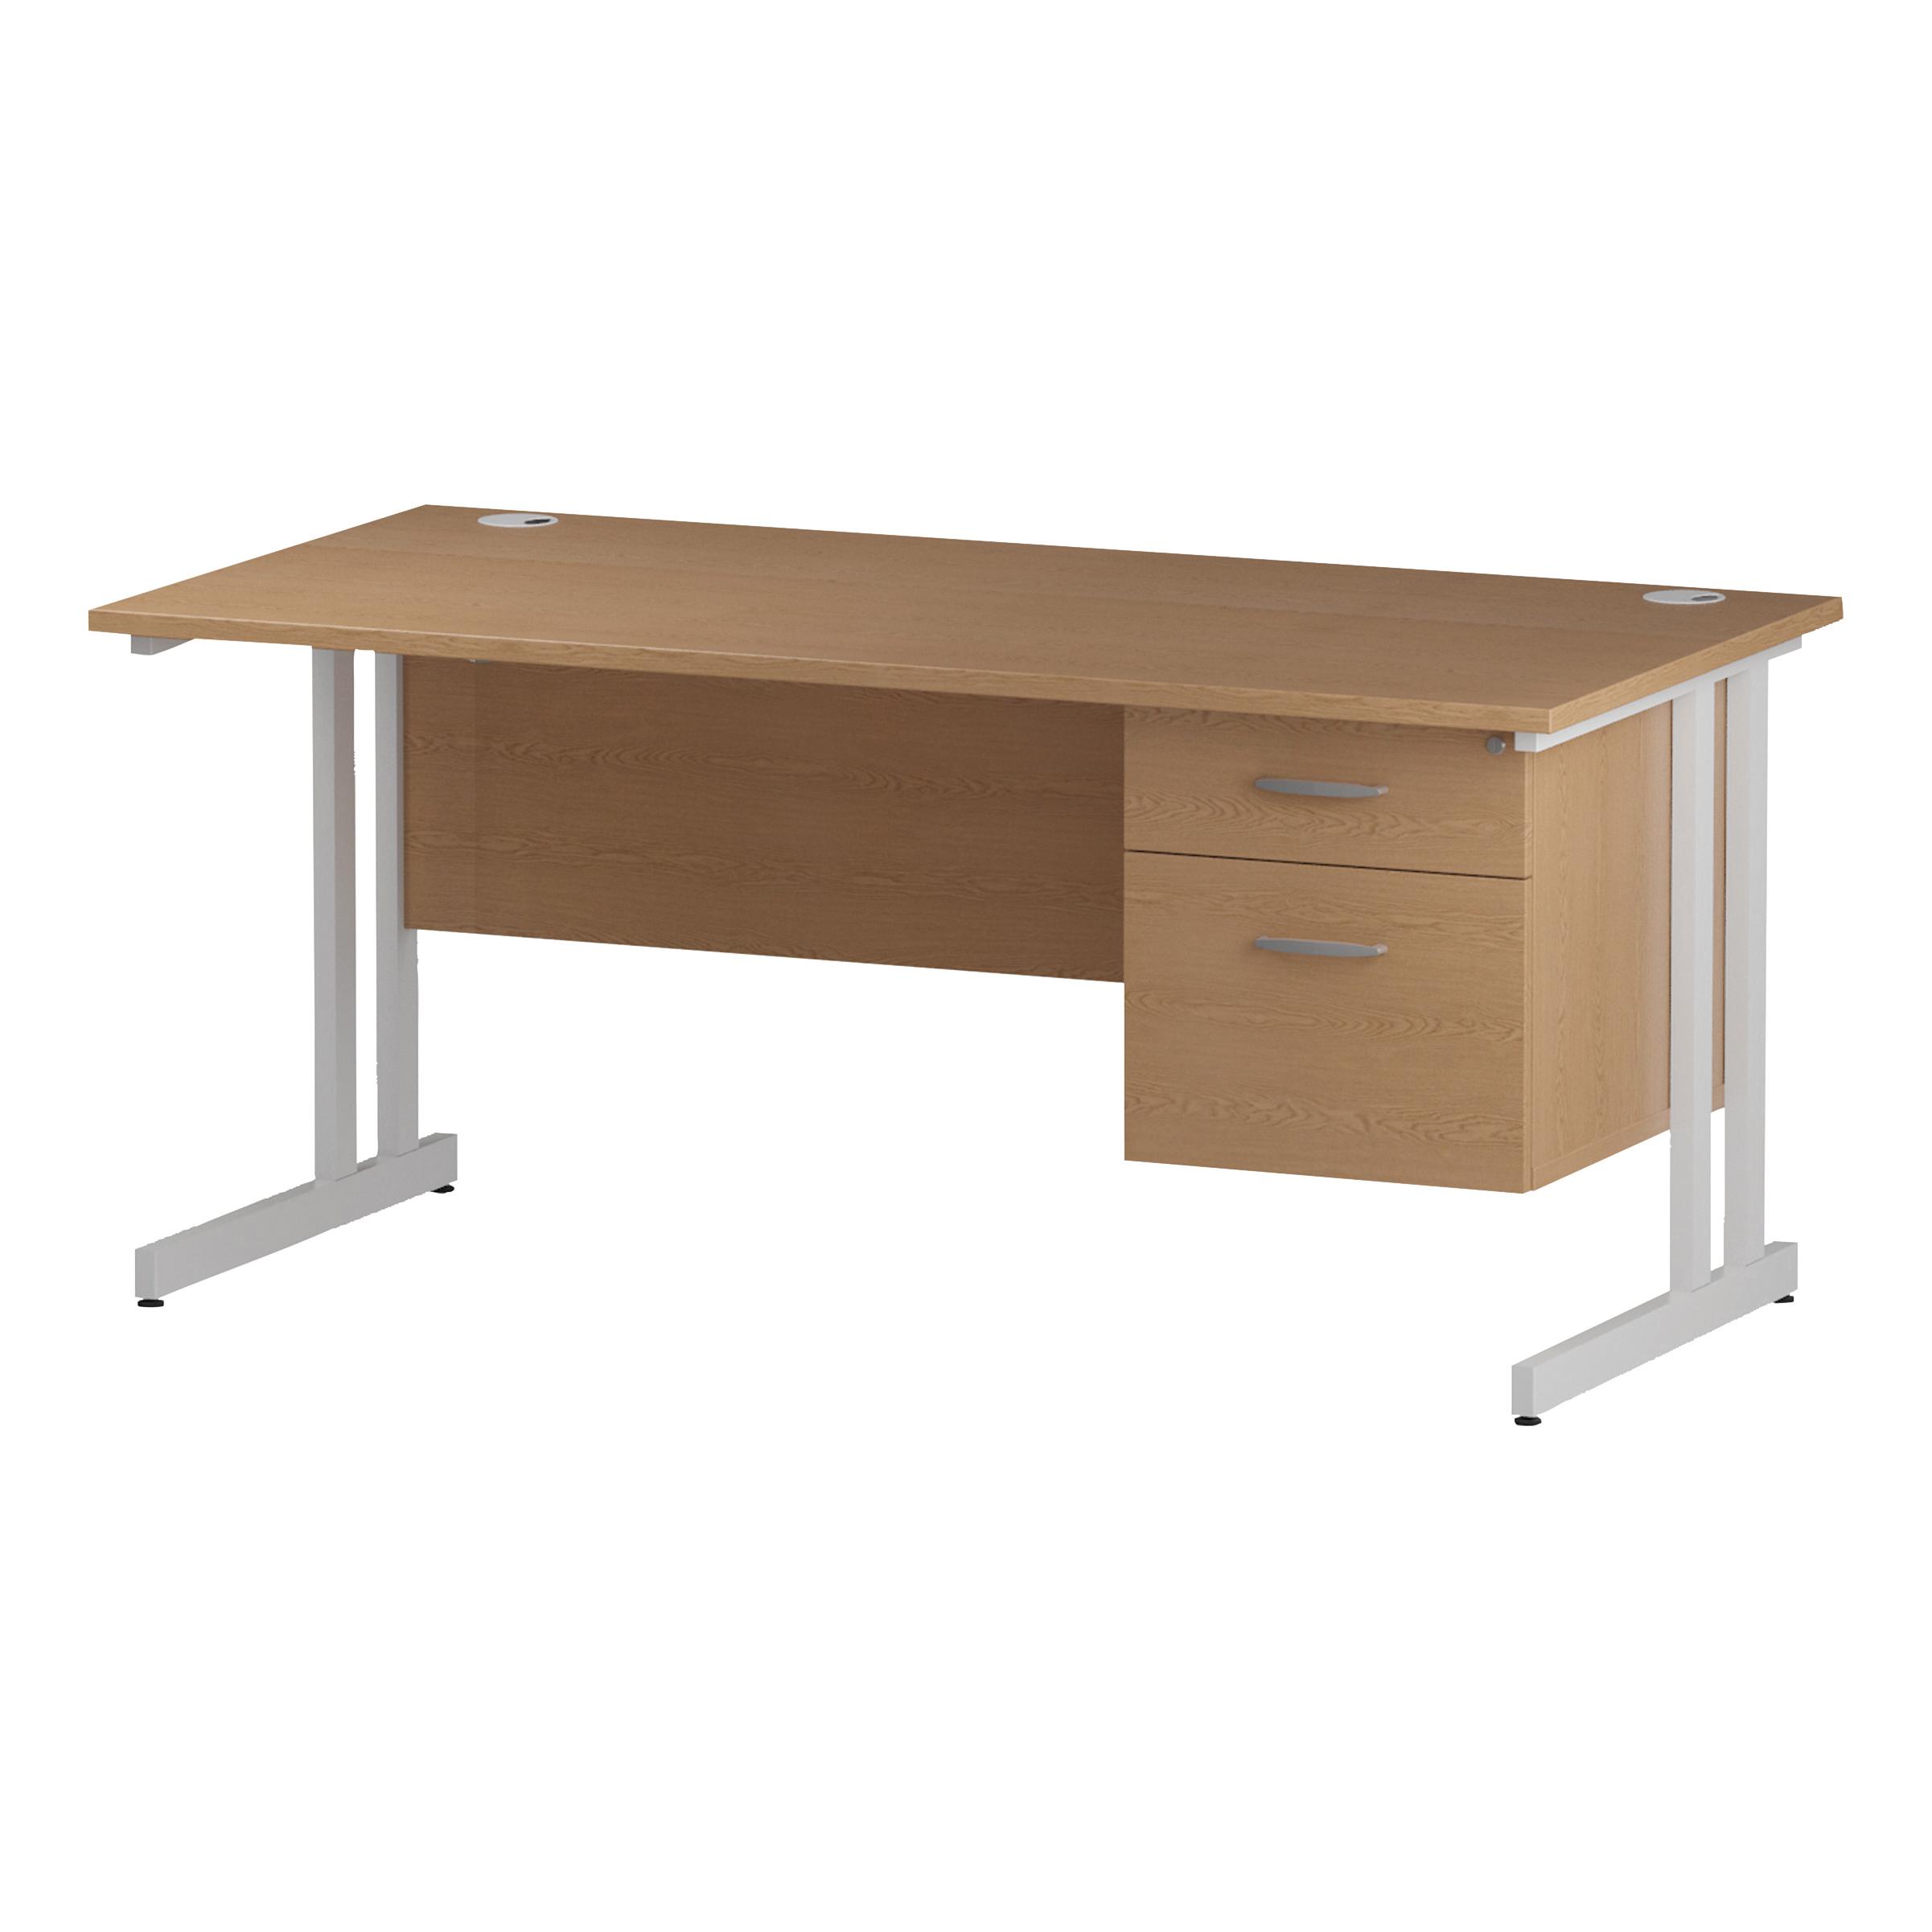 Trexus Rectangular Desk White Cantilever Leg 1400x800mm Fixed Pedestal 2 Drawers Oak Ref I002662